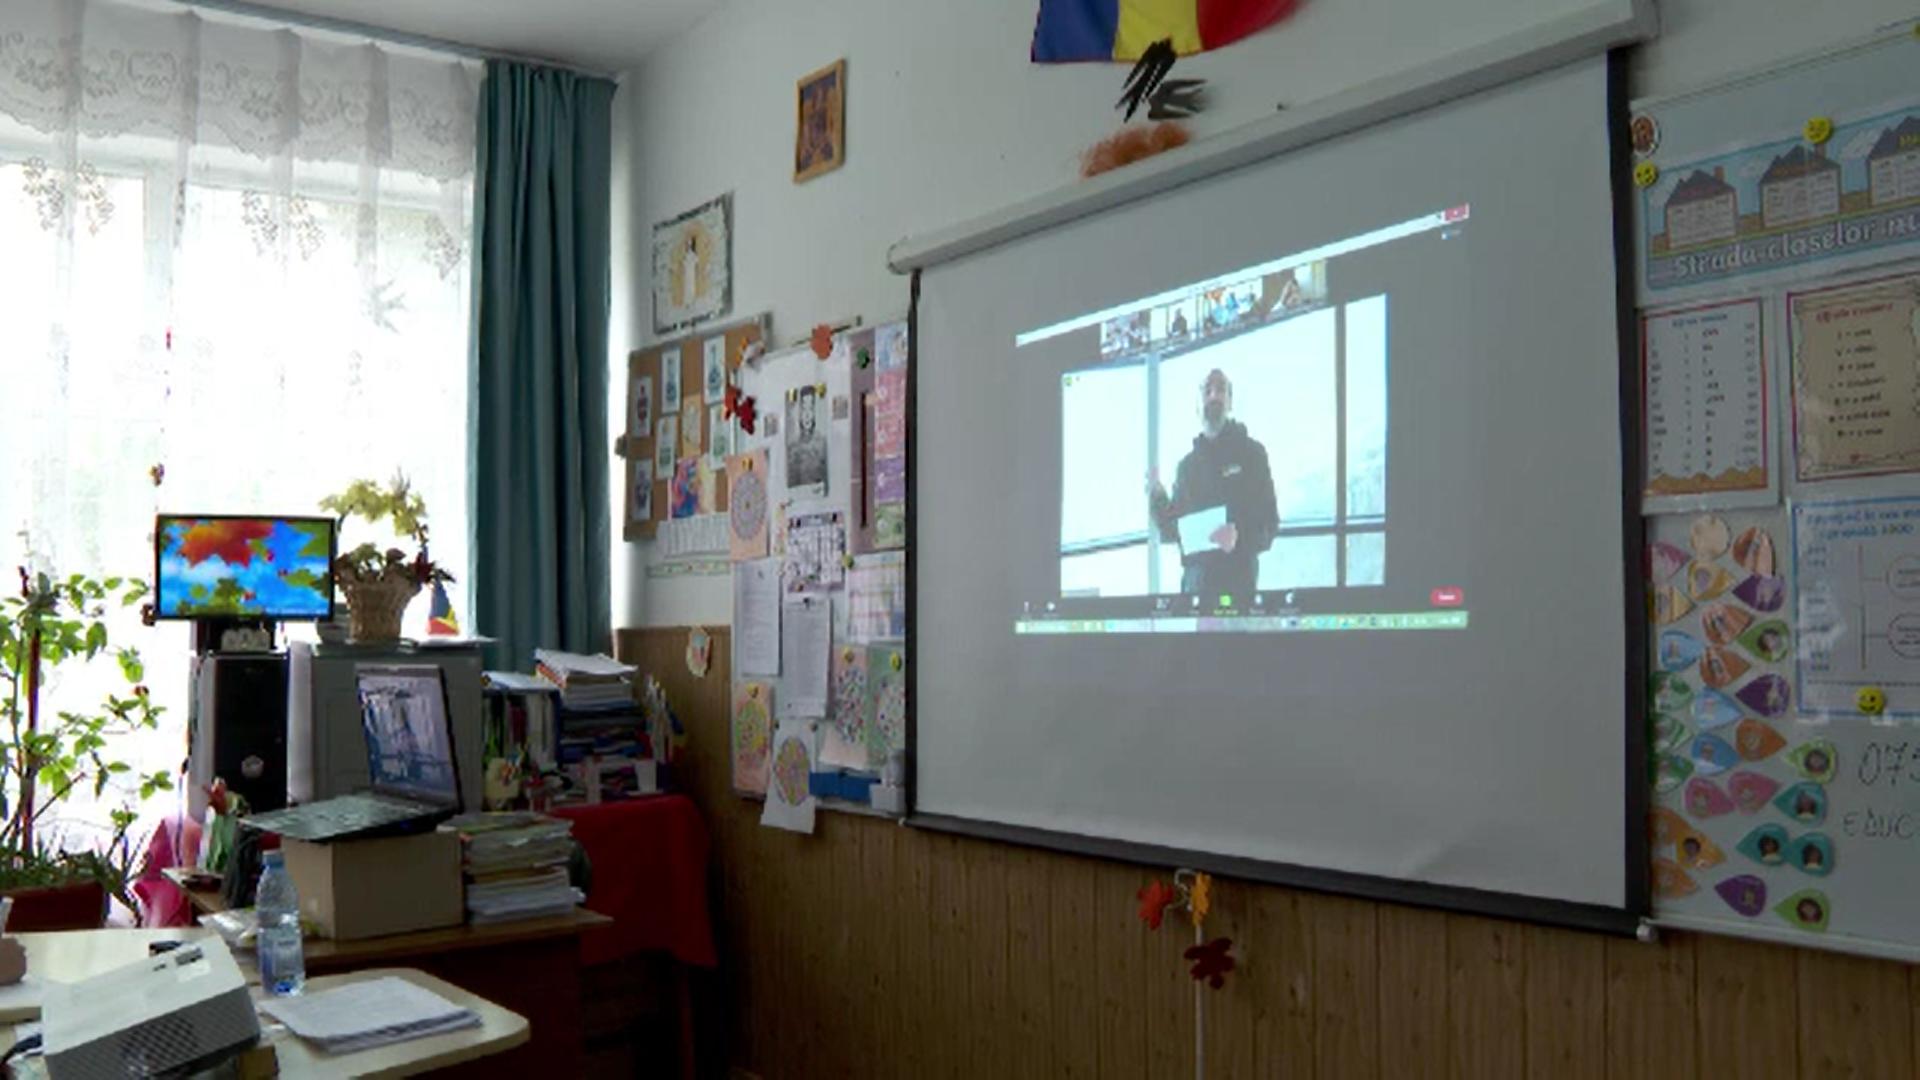 """""""Educație la înălțime"""". Asociația care transmite online lecții filmate cu drona din diferite colțuri ale țării"""